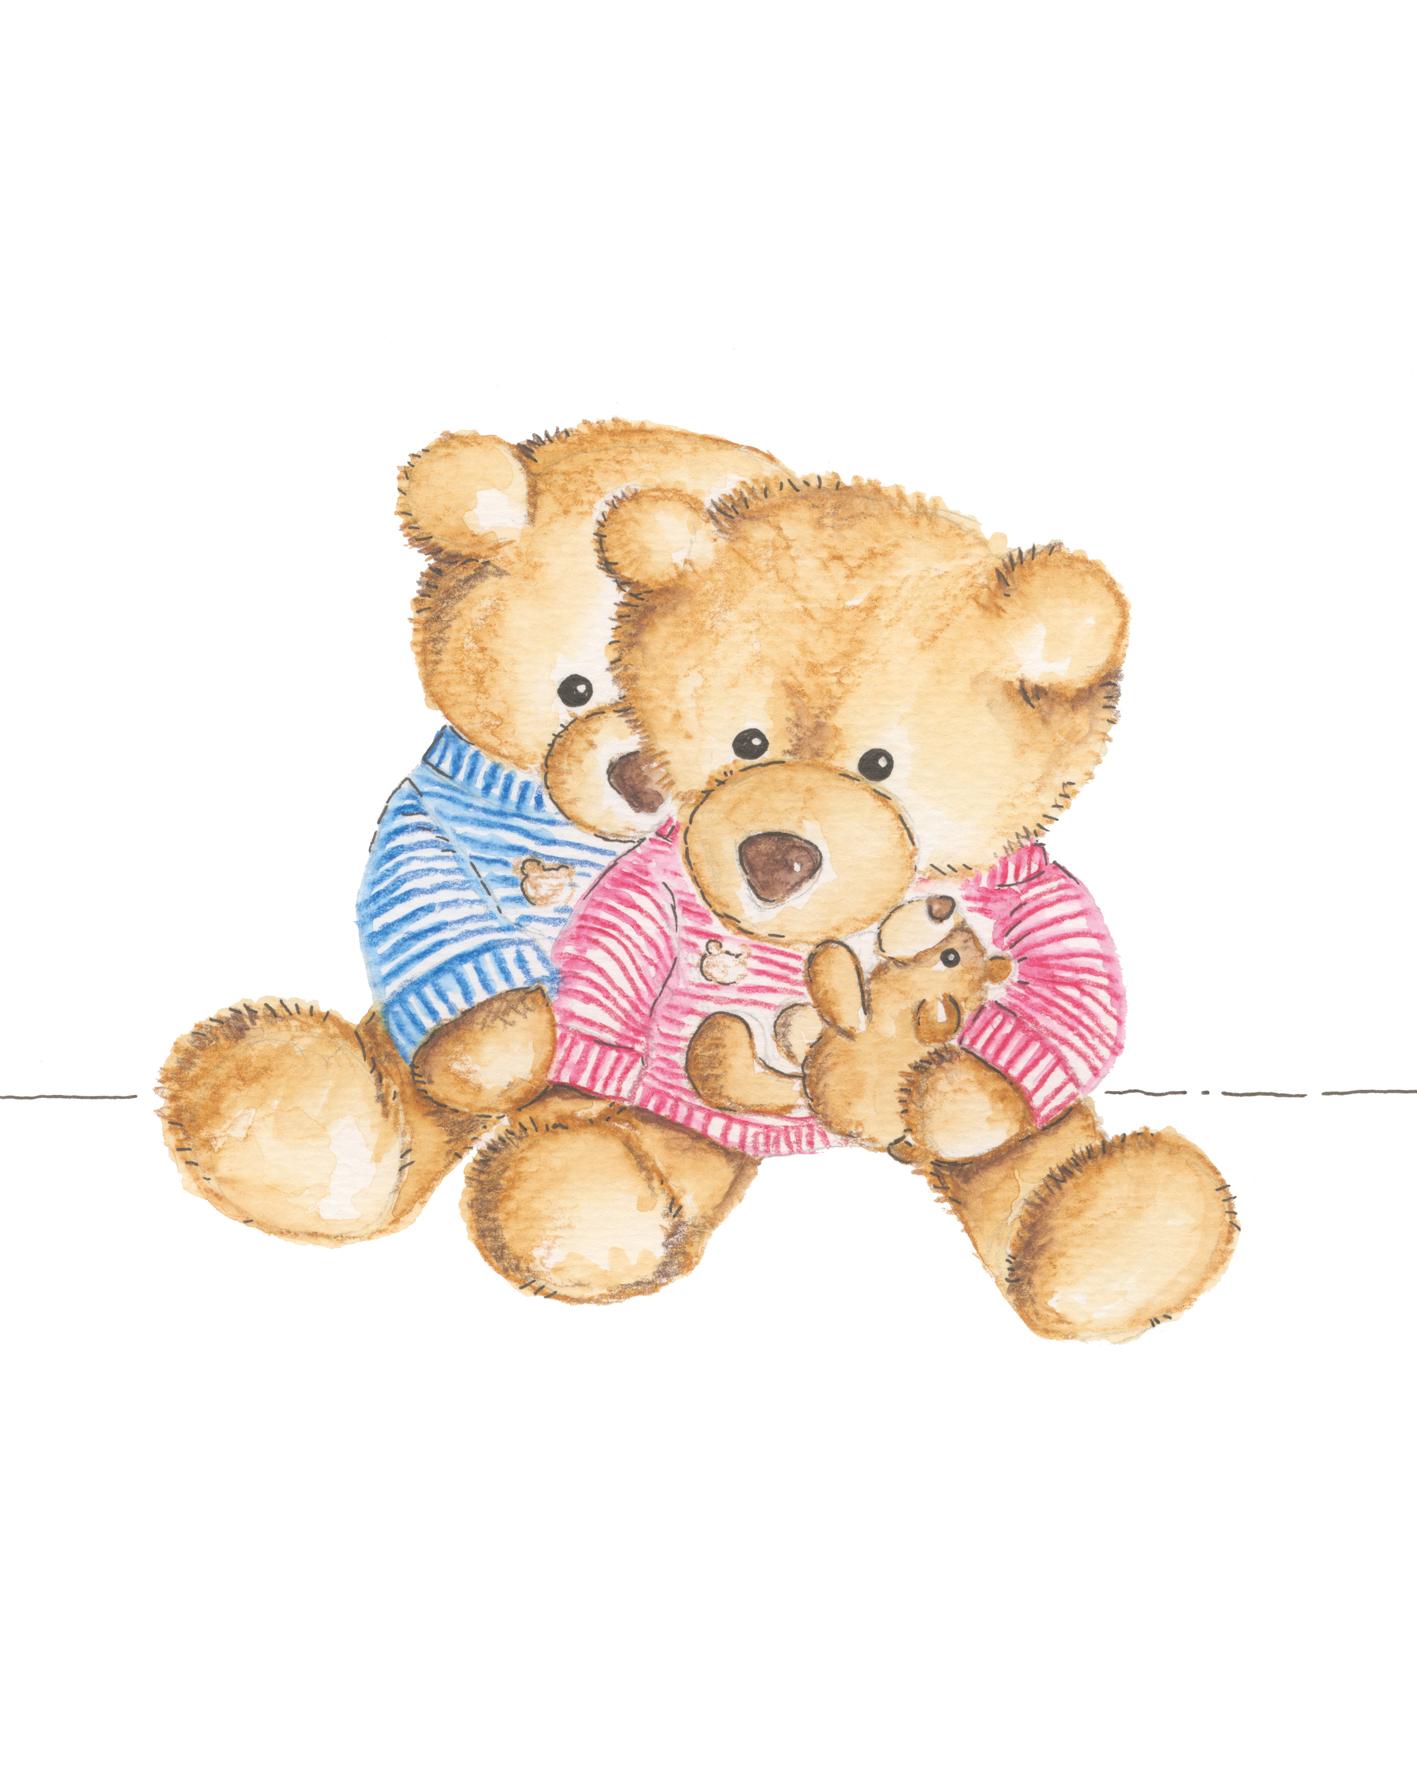 teddybären illustration handgezeichnet individuell aquarelle gezeichnet family bärenfamilie